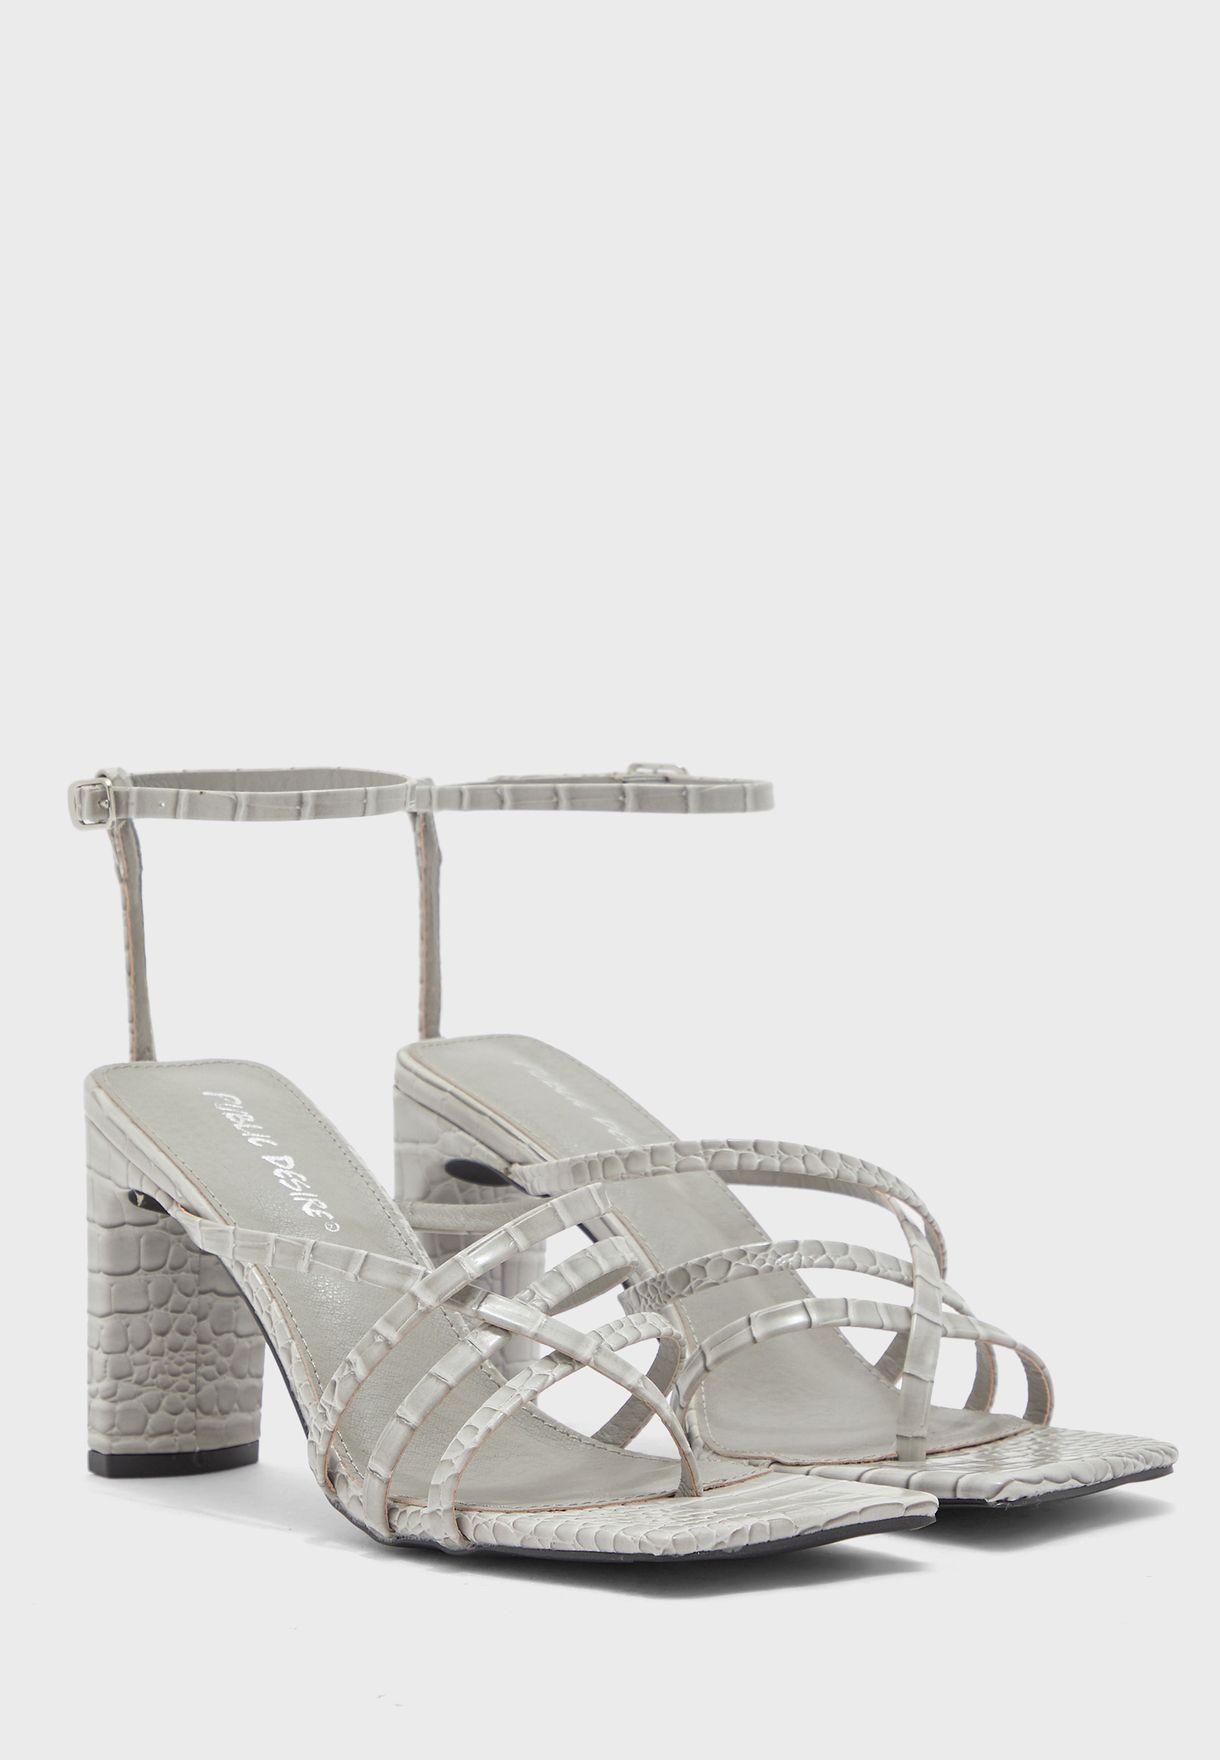 حذاء بسيور وأصابع مربعة